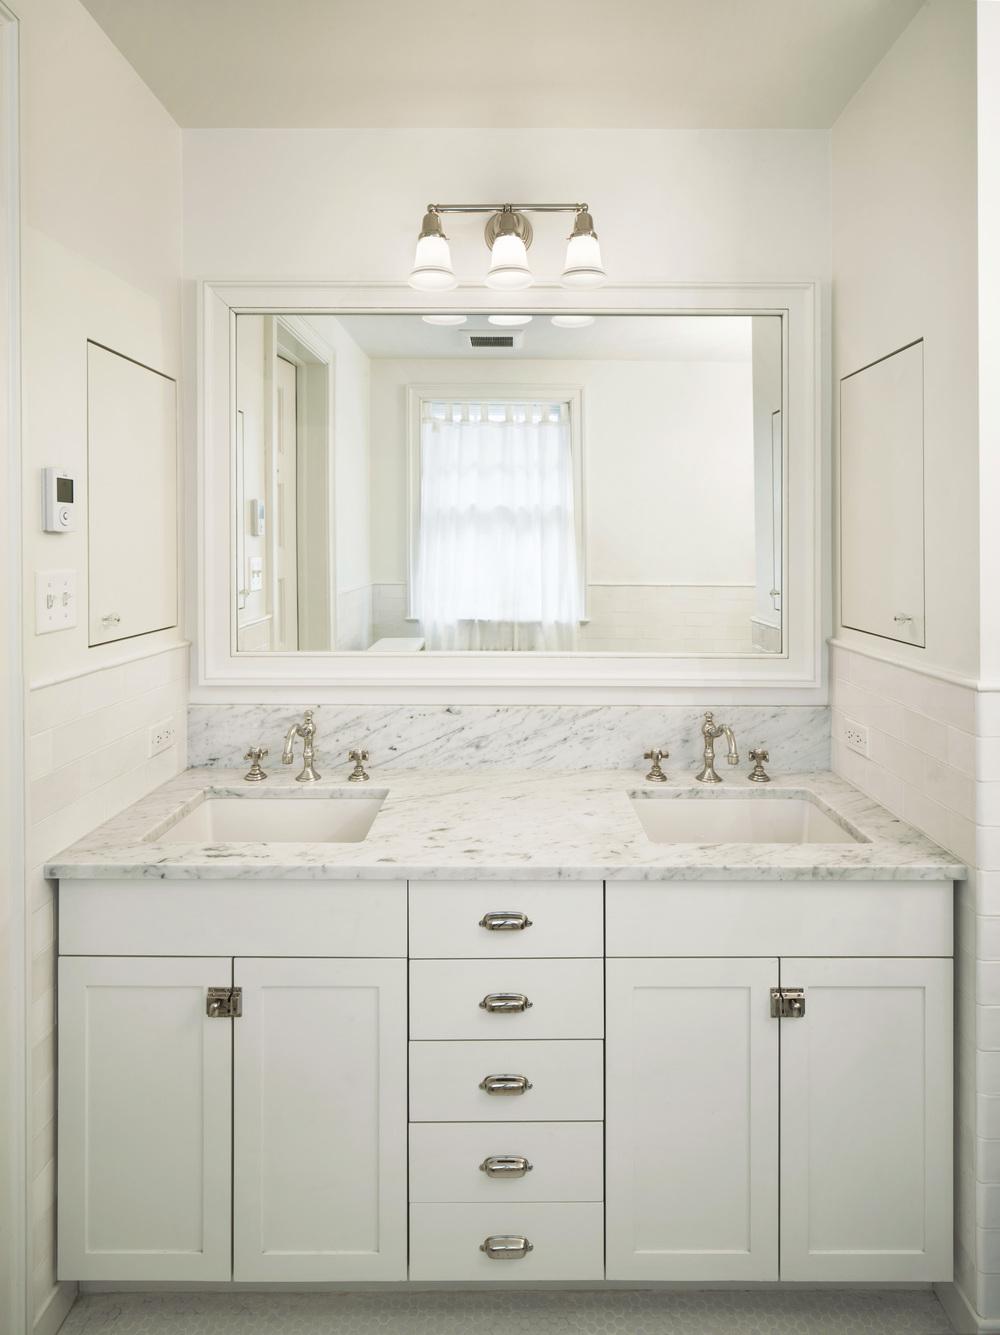 200_Fenimore_Bathroom_3_014.jpg